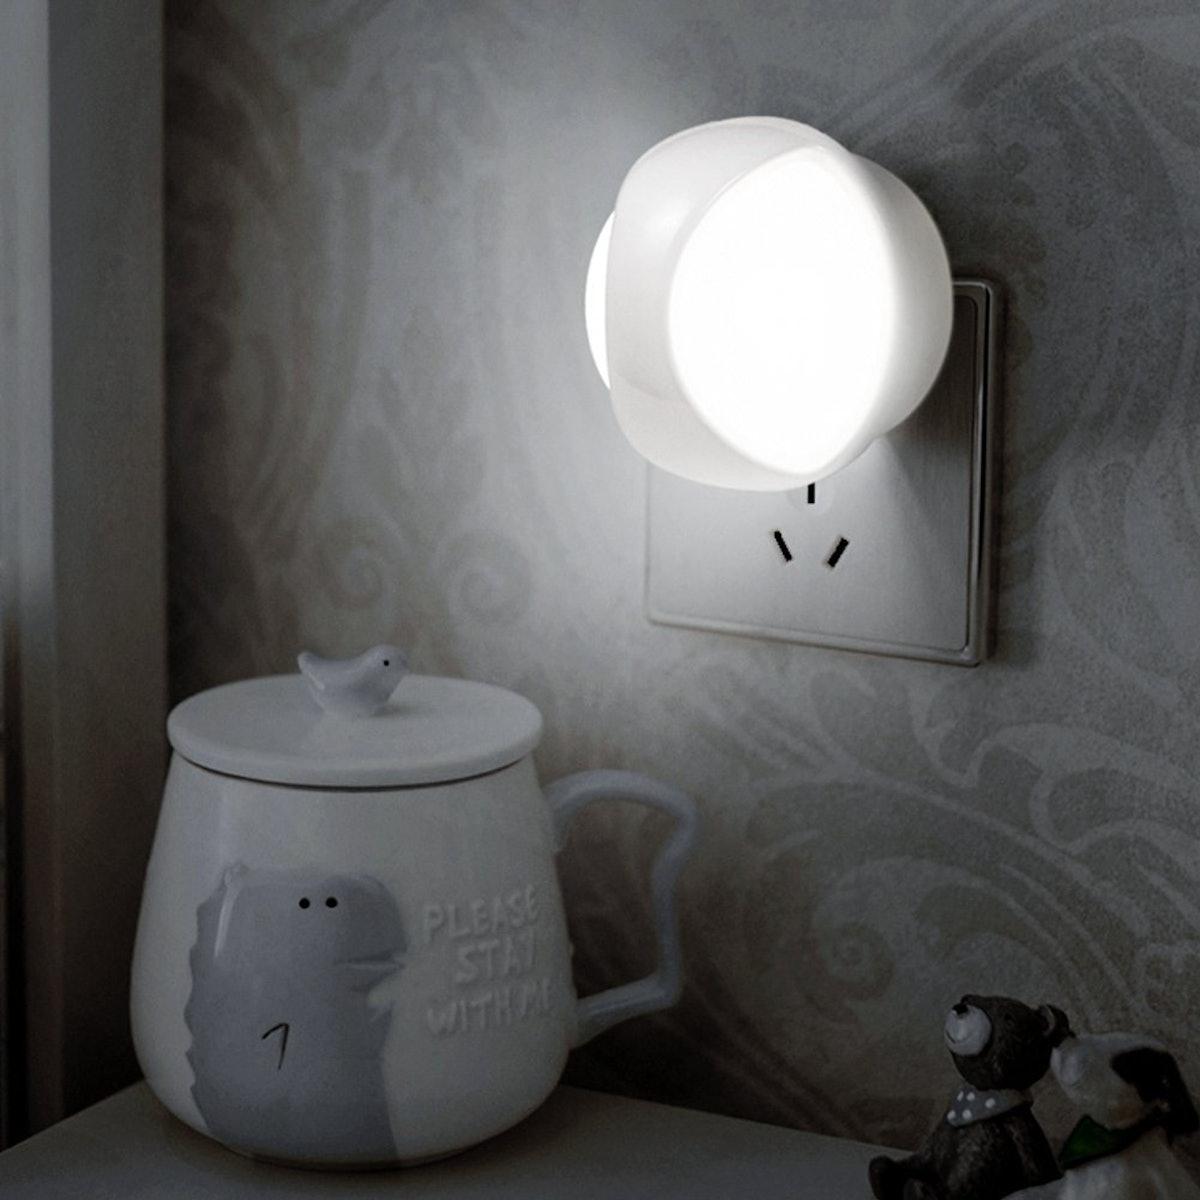 Kohree Automatic LED Night Light (2 Pack)